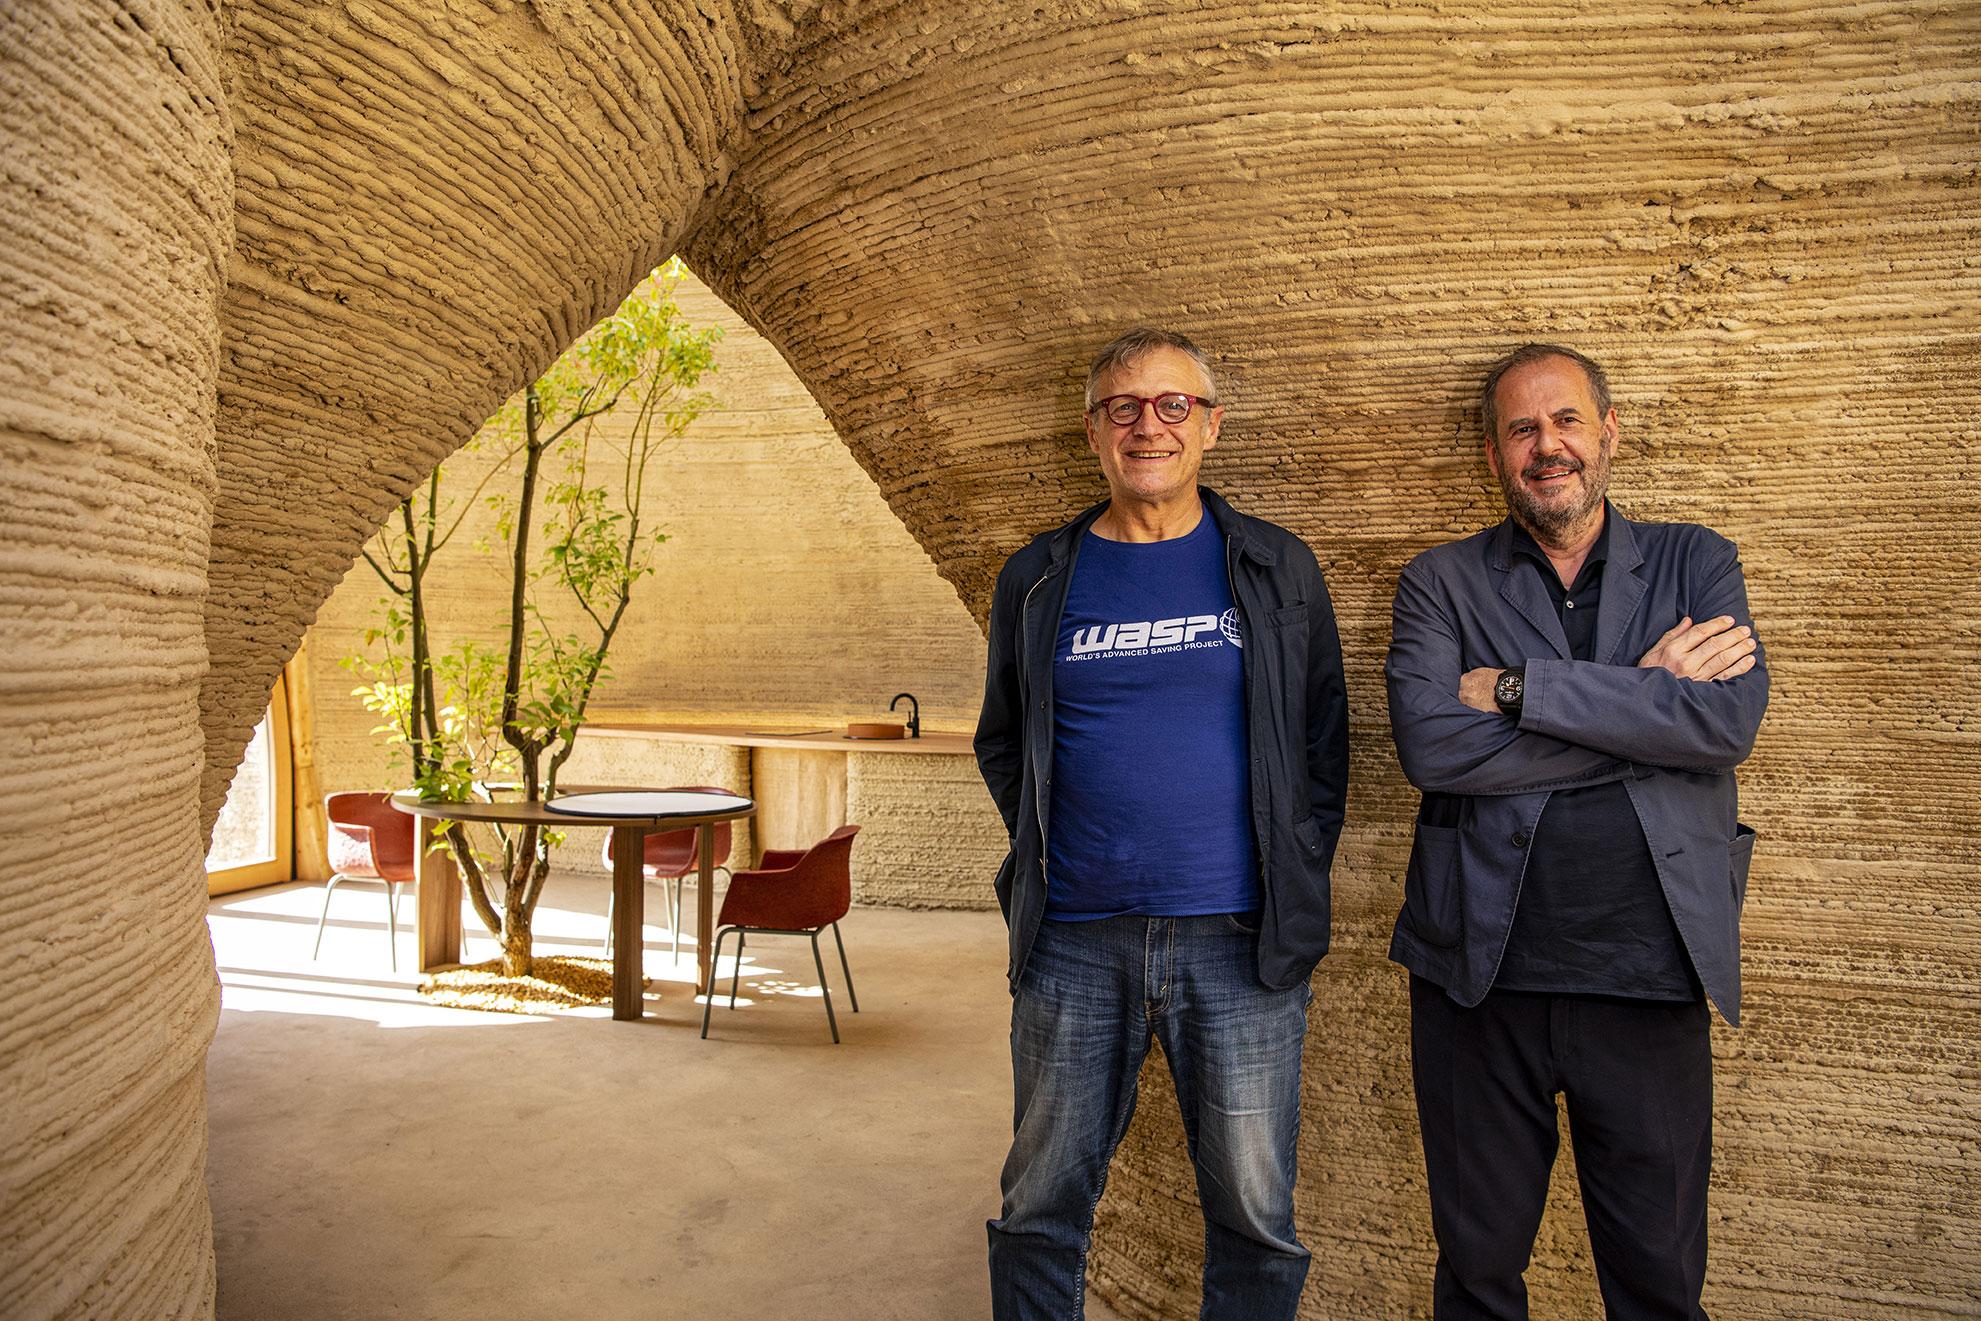 40_TECLA_Ph-Iago-Corazza_da-sinistra,-ritratto-di-Massimo-Moretti-e-Mario-Cucinella-(2)